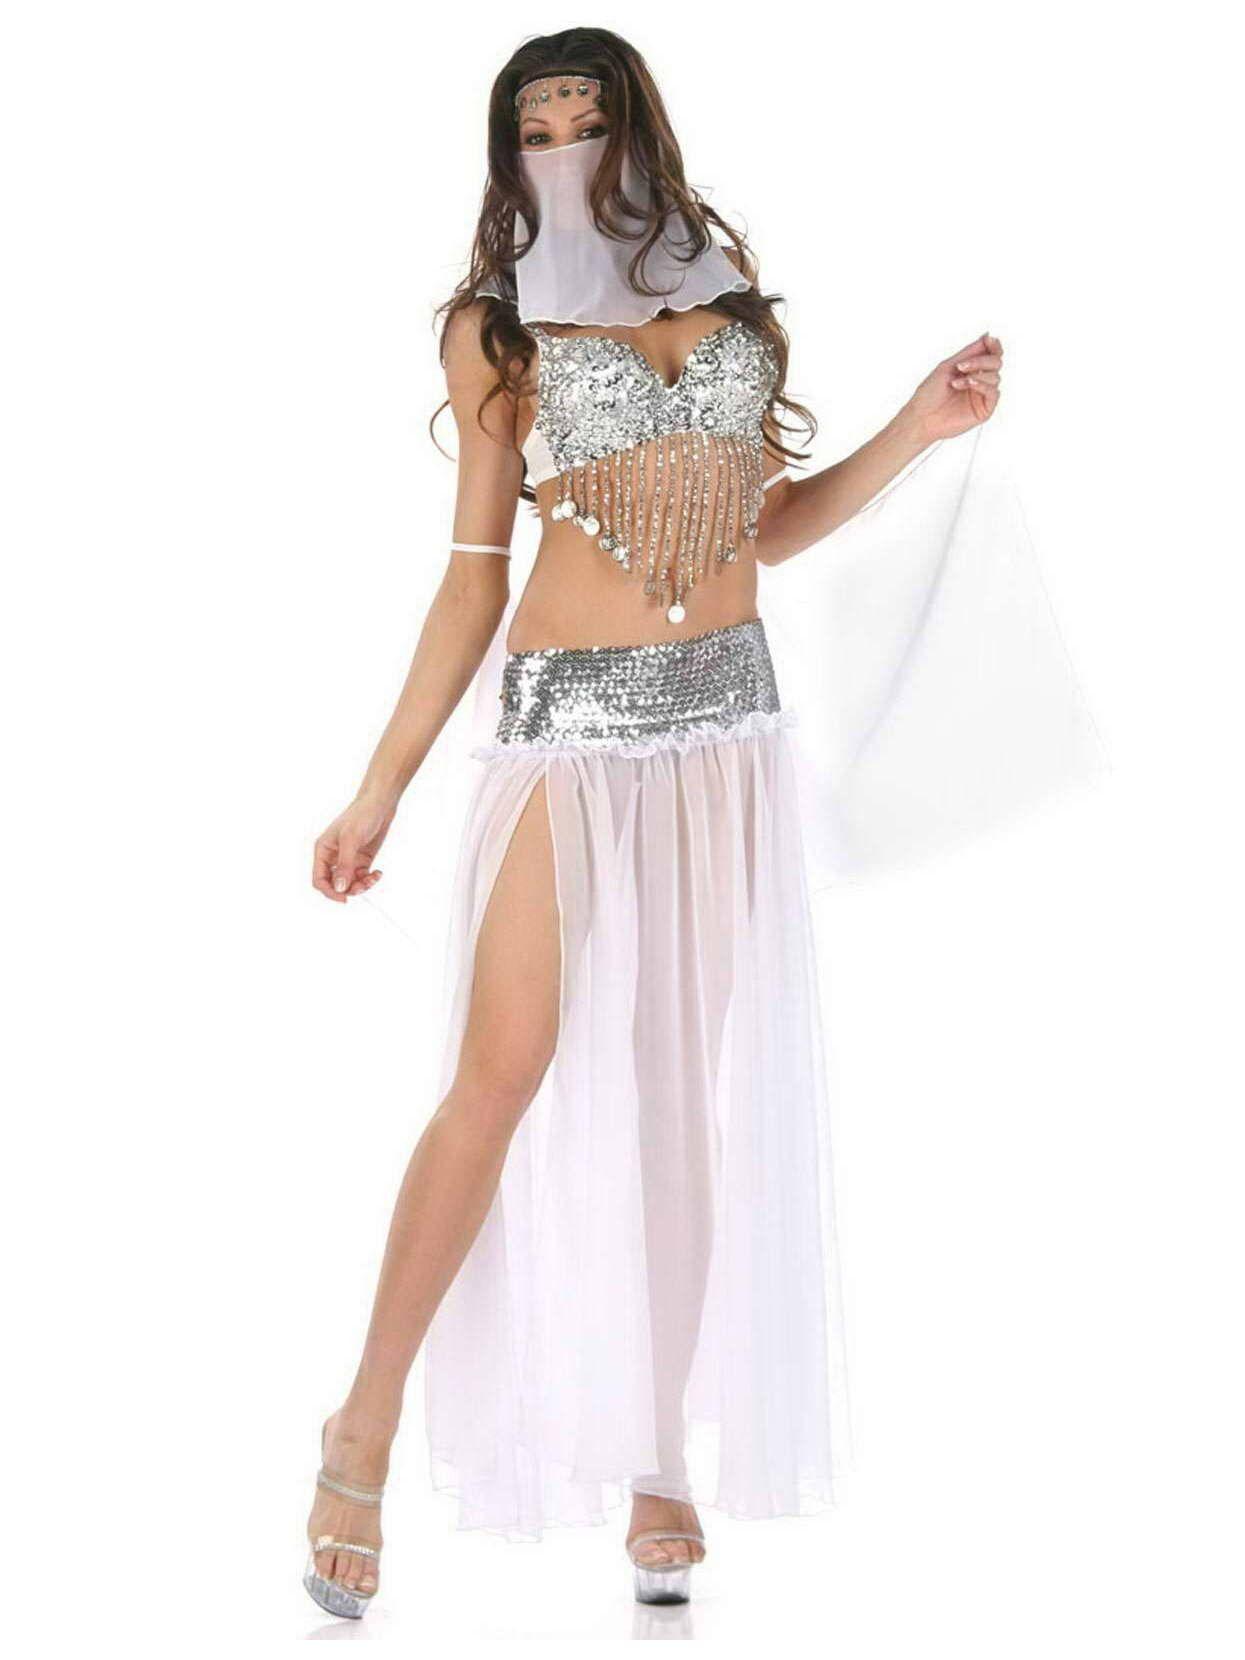 b525dff7e Belly Dancer Costume in 2019